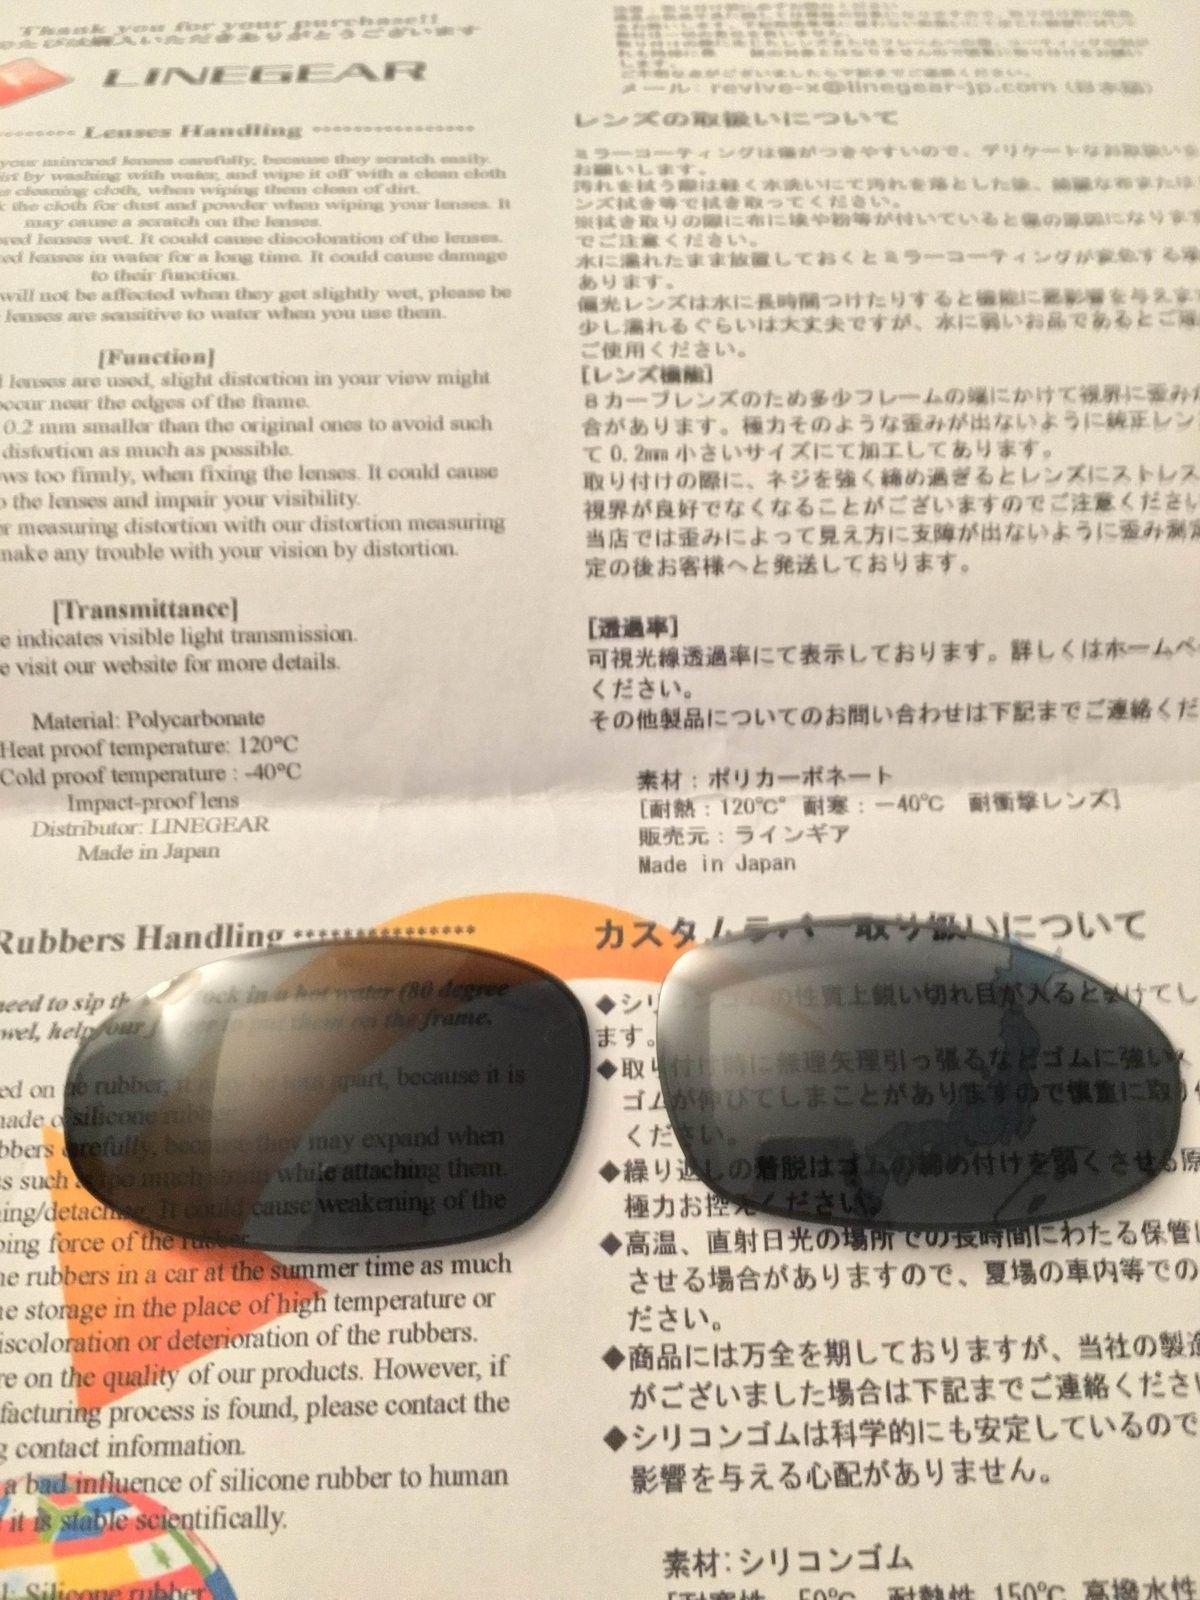 Linegear Oakley Juliet NXT Lens Review - IMG_2335.JPG